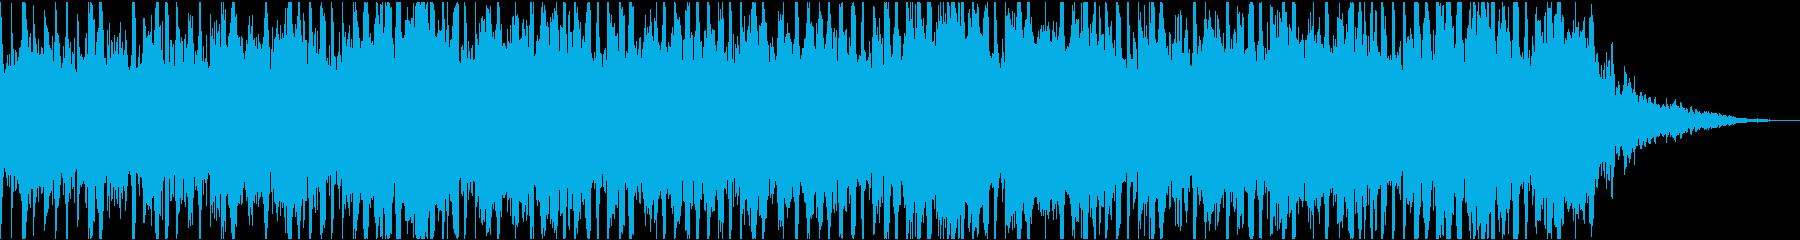 ナレーション、説明、解説用のBGMですの再生済みの波形